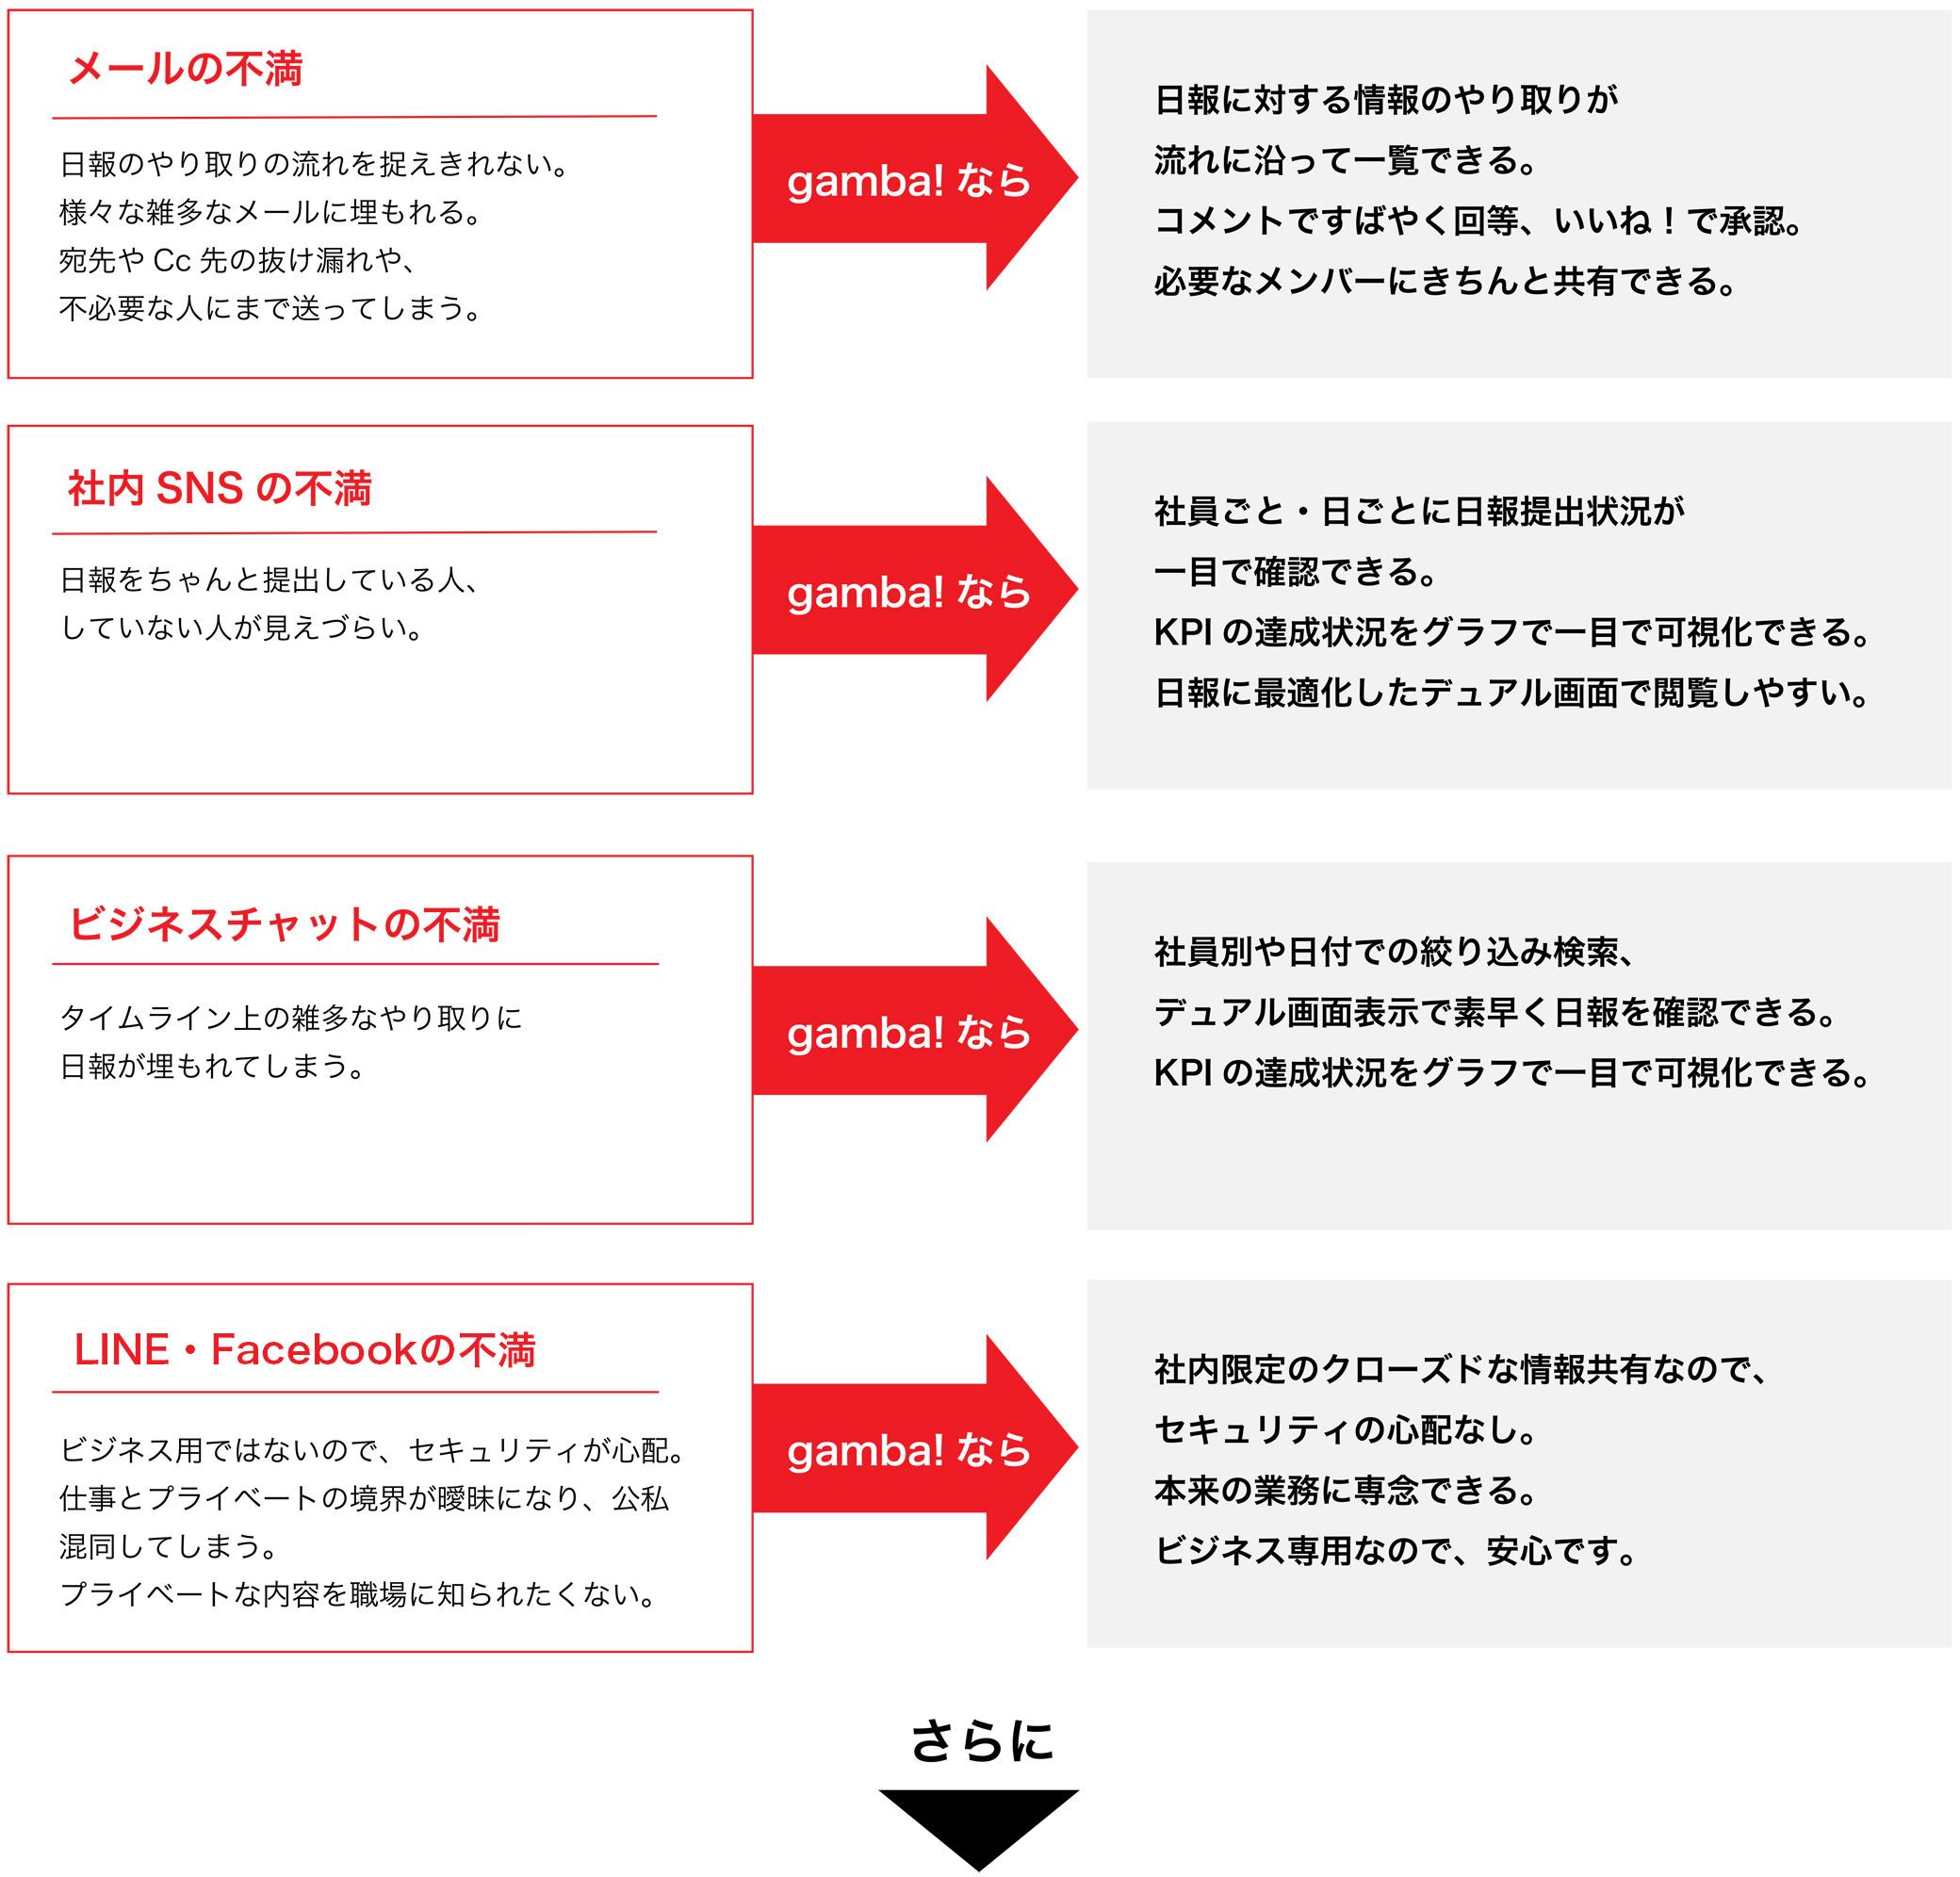 社内SNS型 日報アプリ gamba! 社内コミュニケーションツール